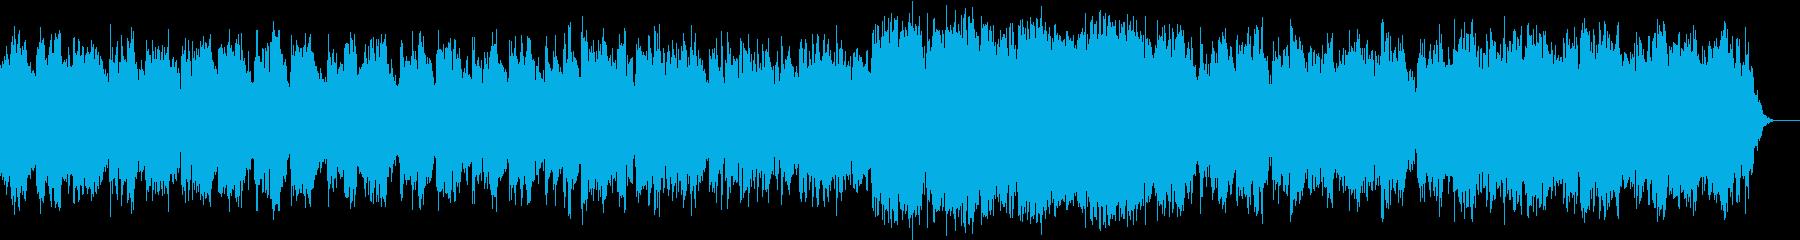 神秘的、幻想的、不思議 エレクトロニカの再生済みの波形